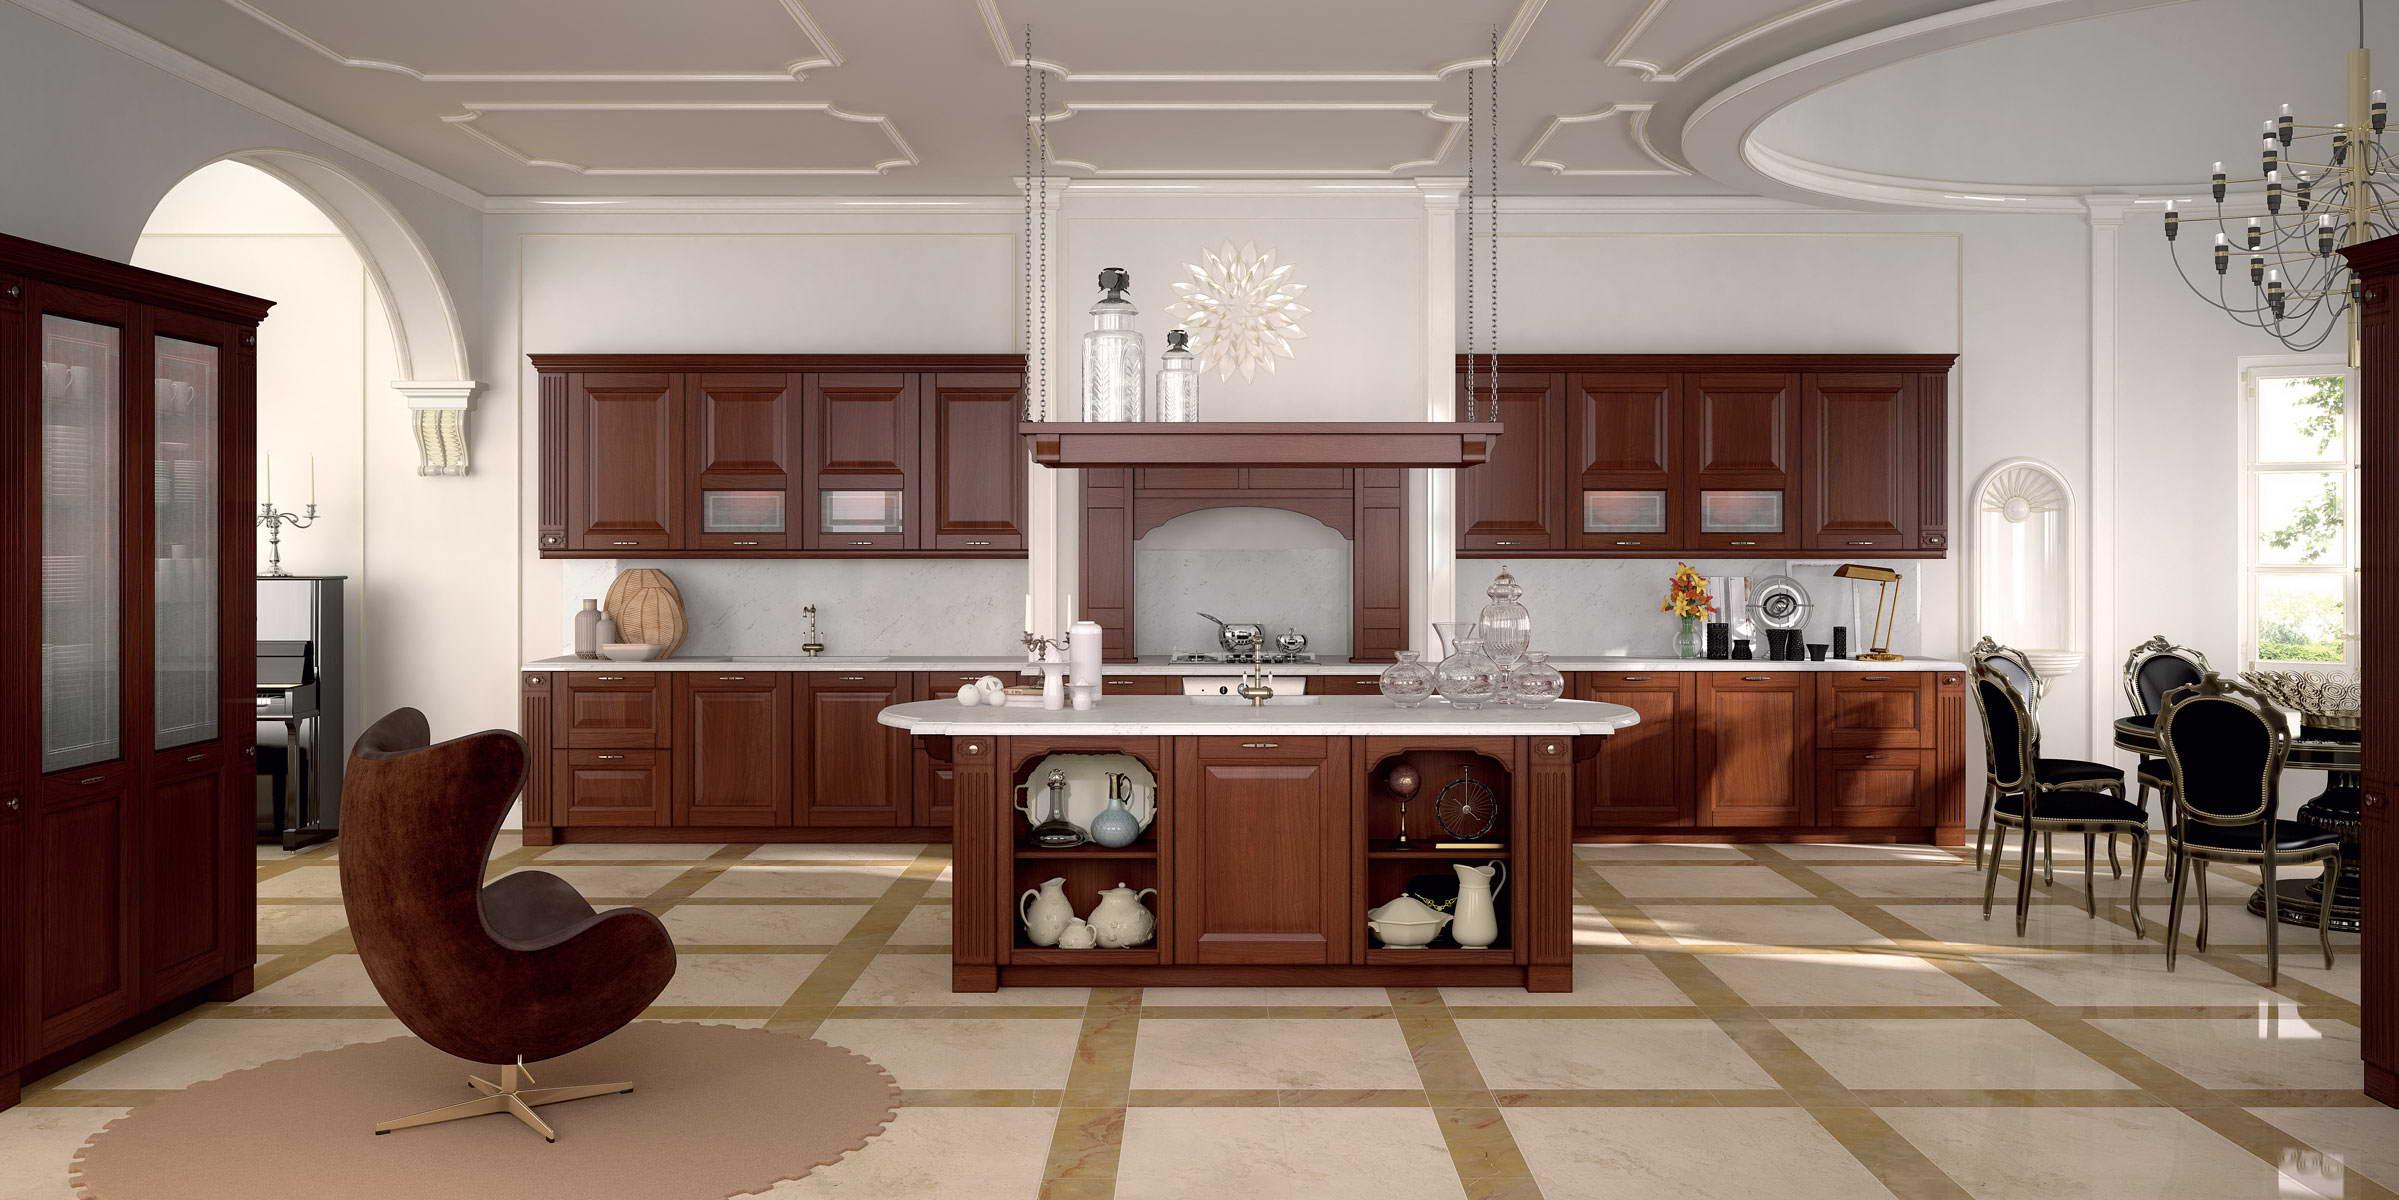 Del tongo amelia mobili gala - Del tongo cucina ...